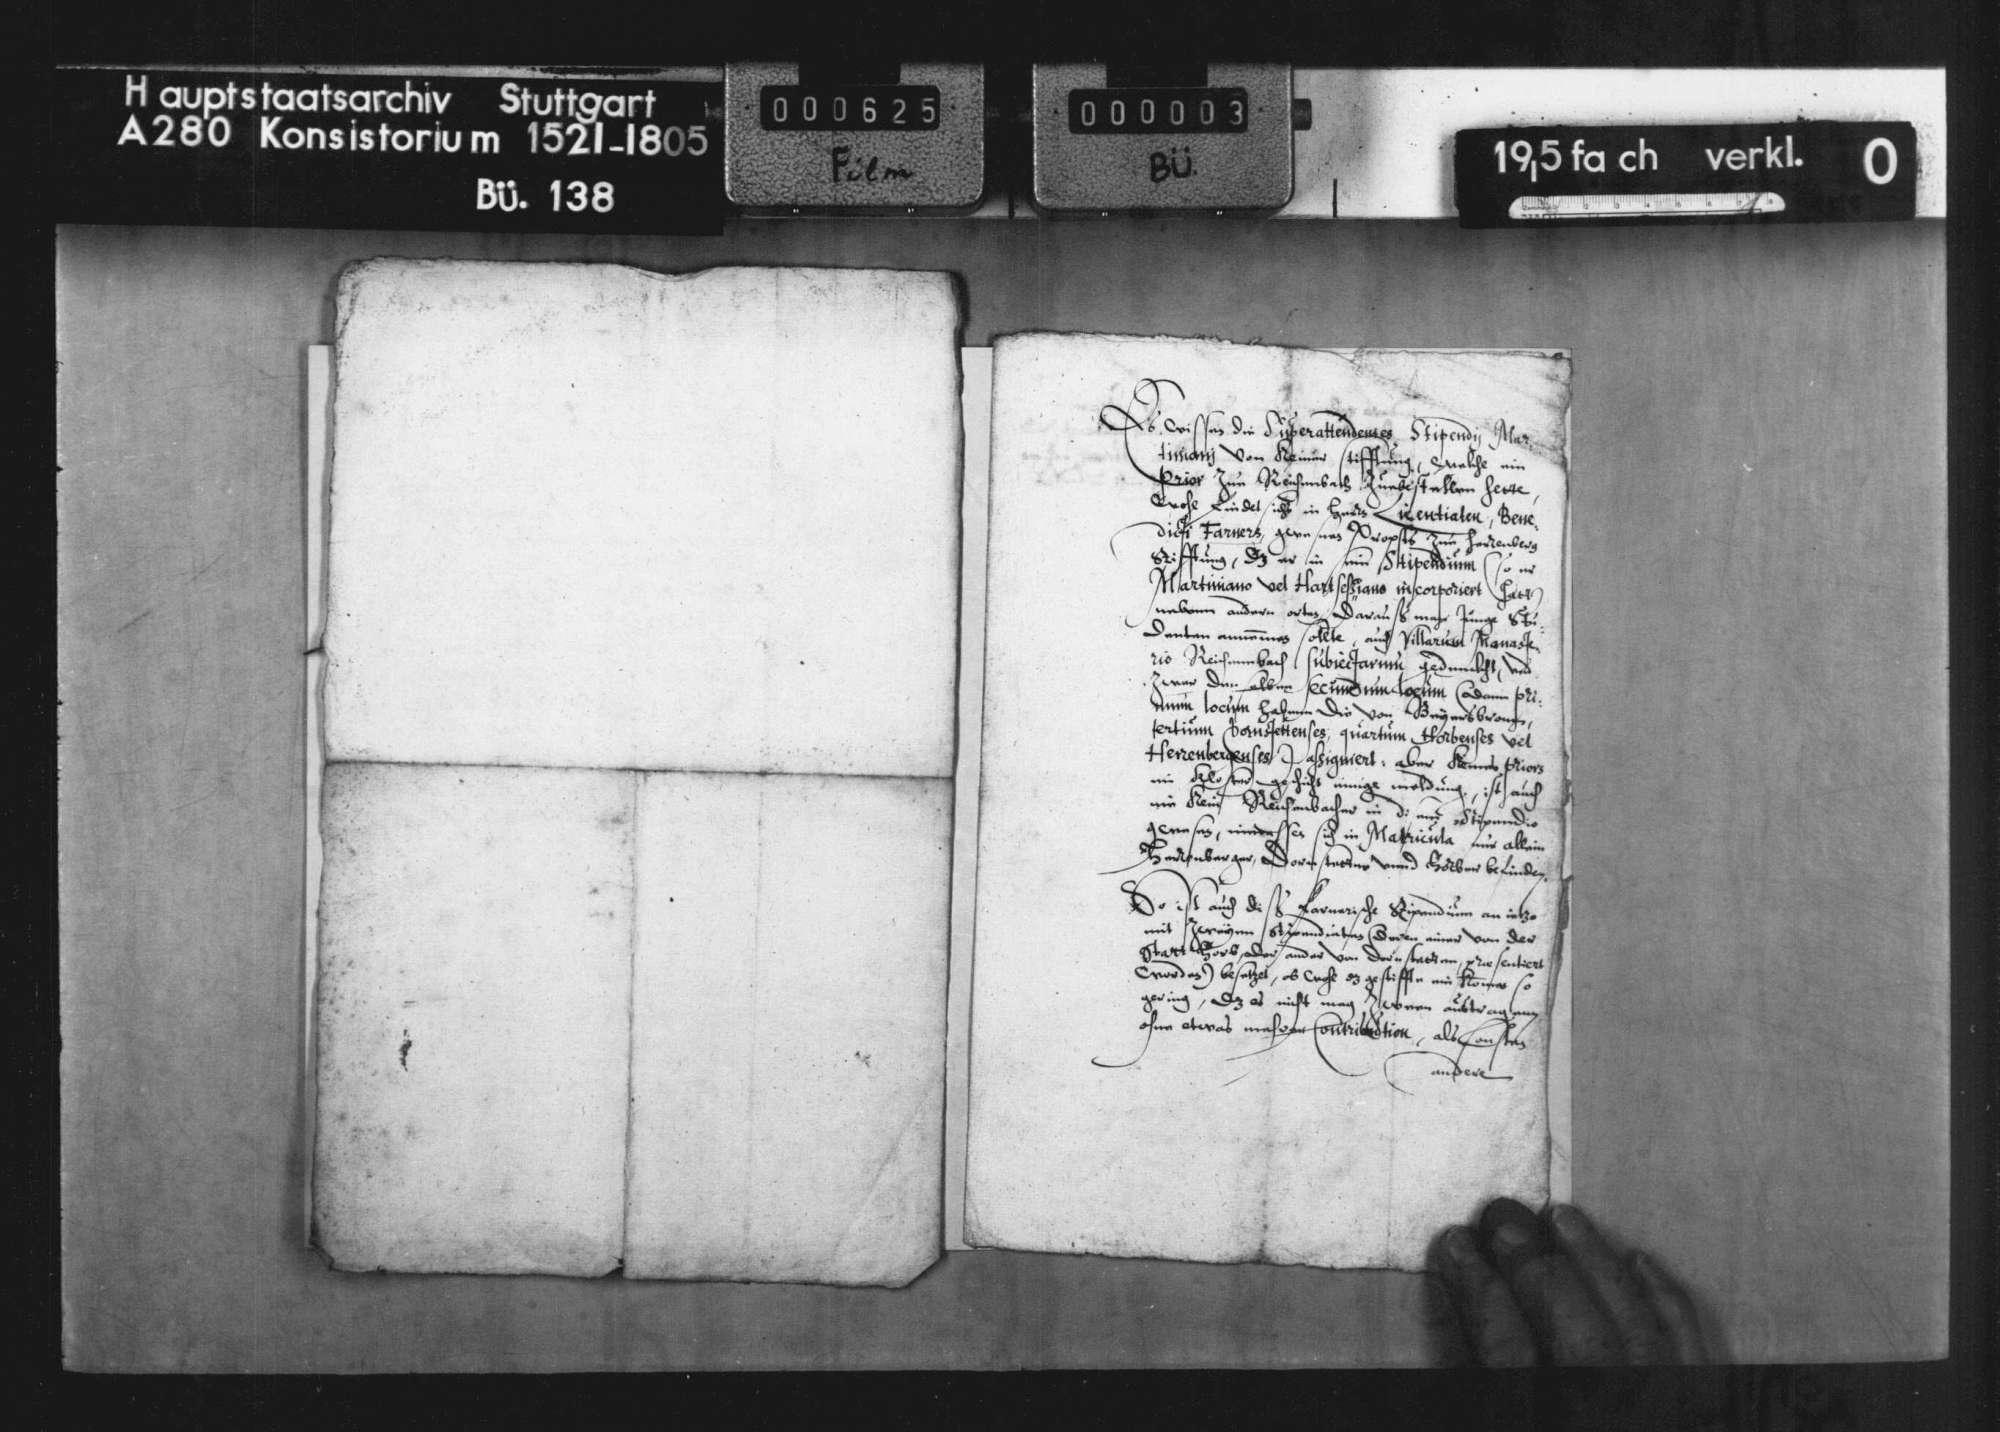 Bericht der Superintendenten des Stipendiums Martinianum des Klosters Reichenbach betr. die Stiftung des Benedikt Farner, Propst zu Herrenberg, vom Jahre 1537 über 800 fl., mit Auszug aus der Fundation ( lat.), Bild 3